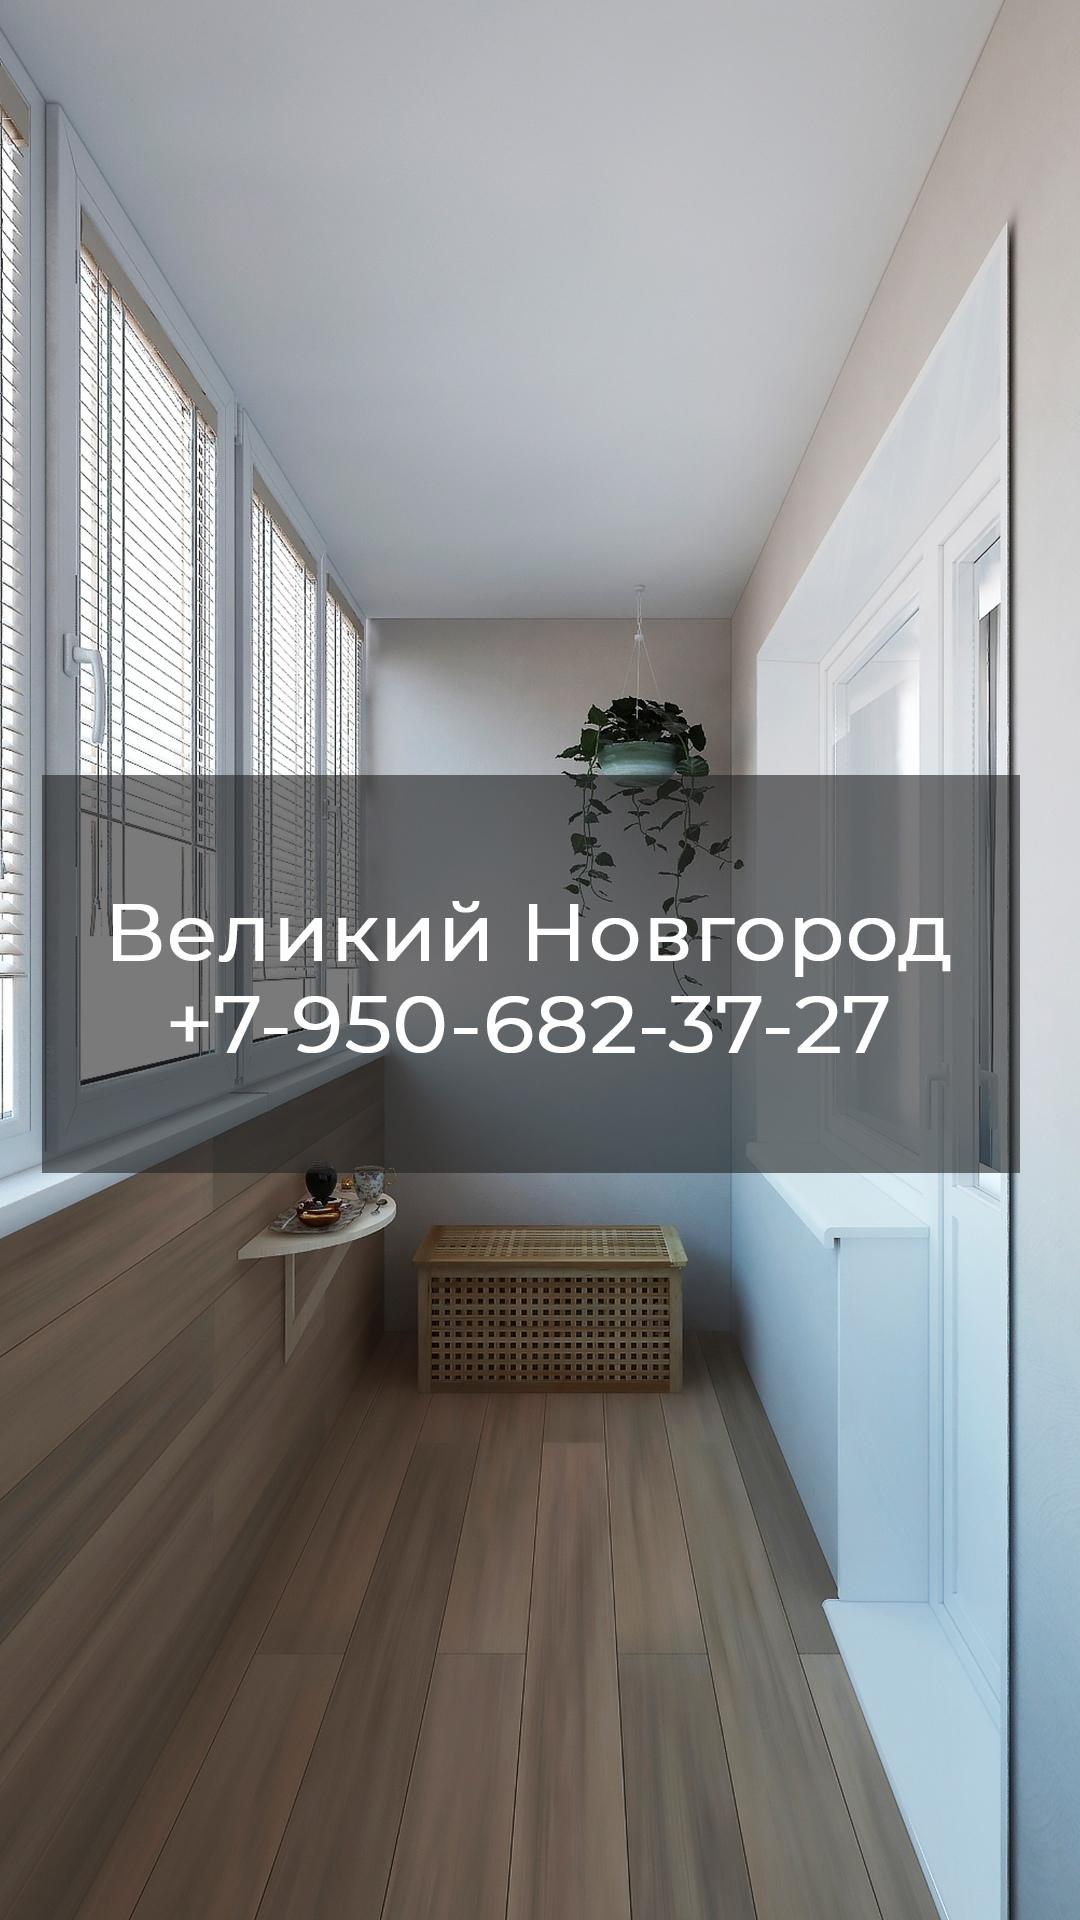 Как продавать окна и лоджии через ВКонтакте в небольшом городе?, изображение №11